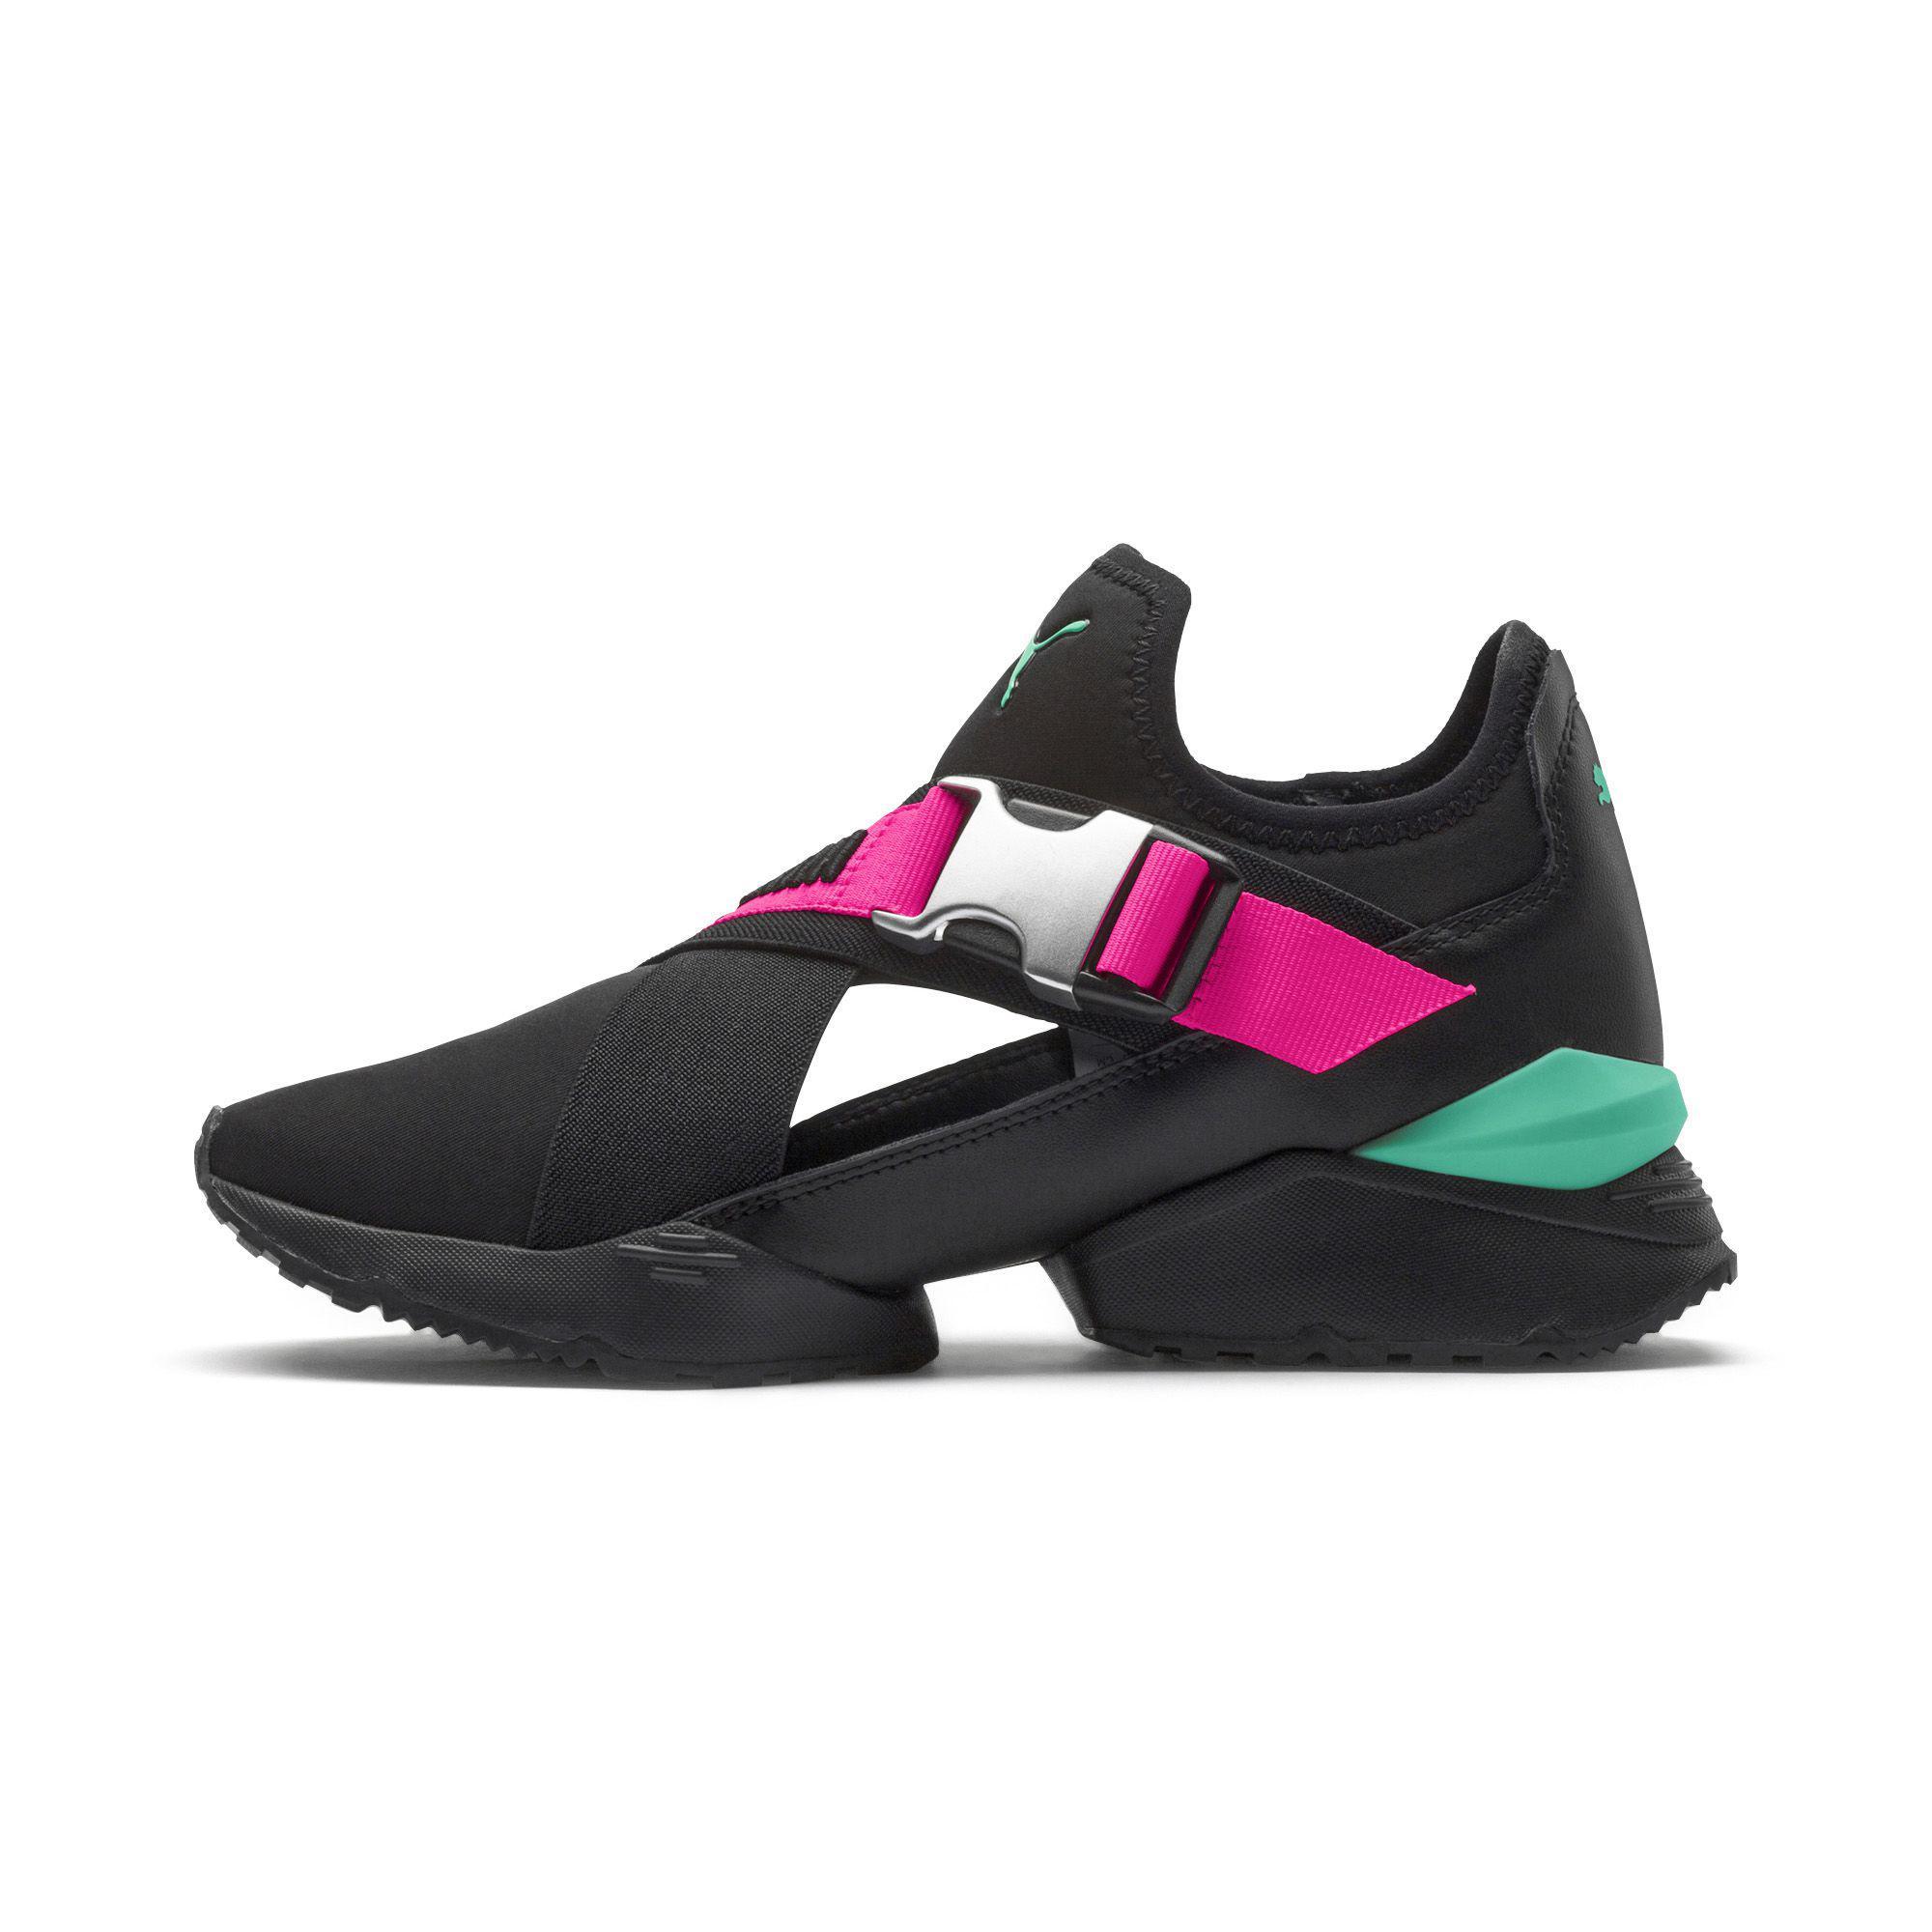 d5472608088 Lyst - PUMA Muse Eos Street 1 Women s Sneakers in Black